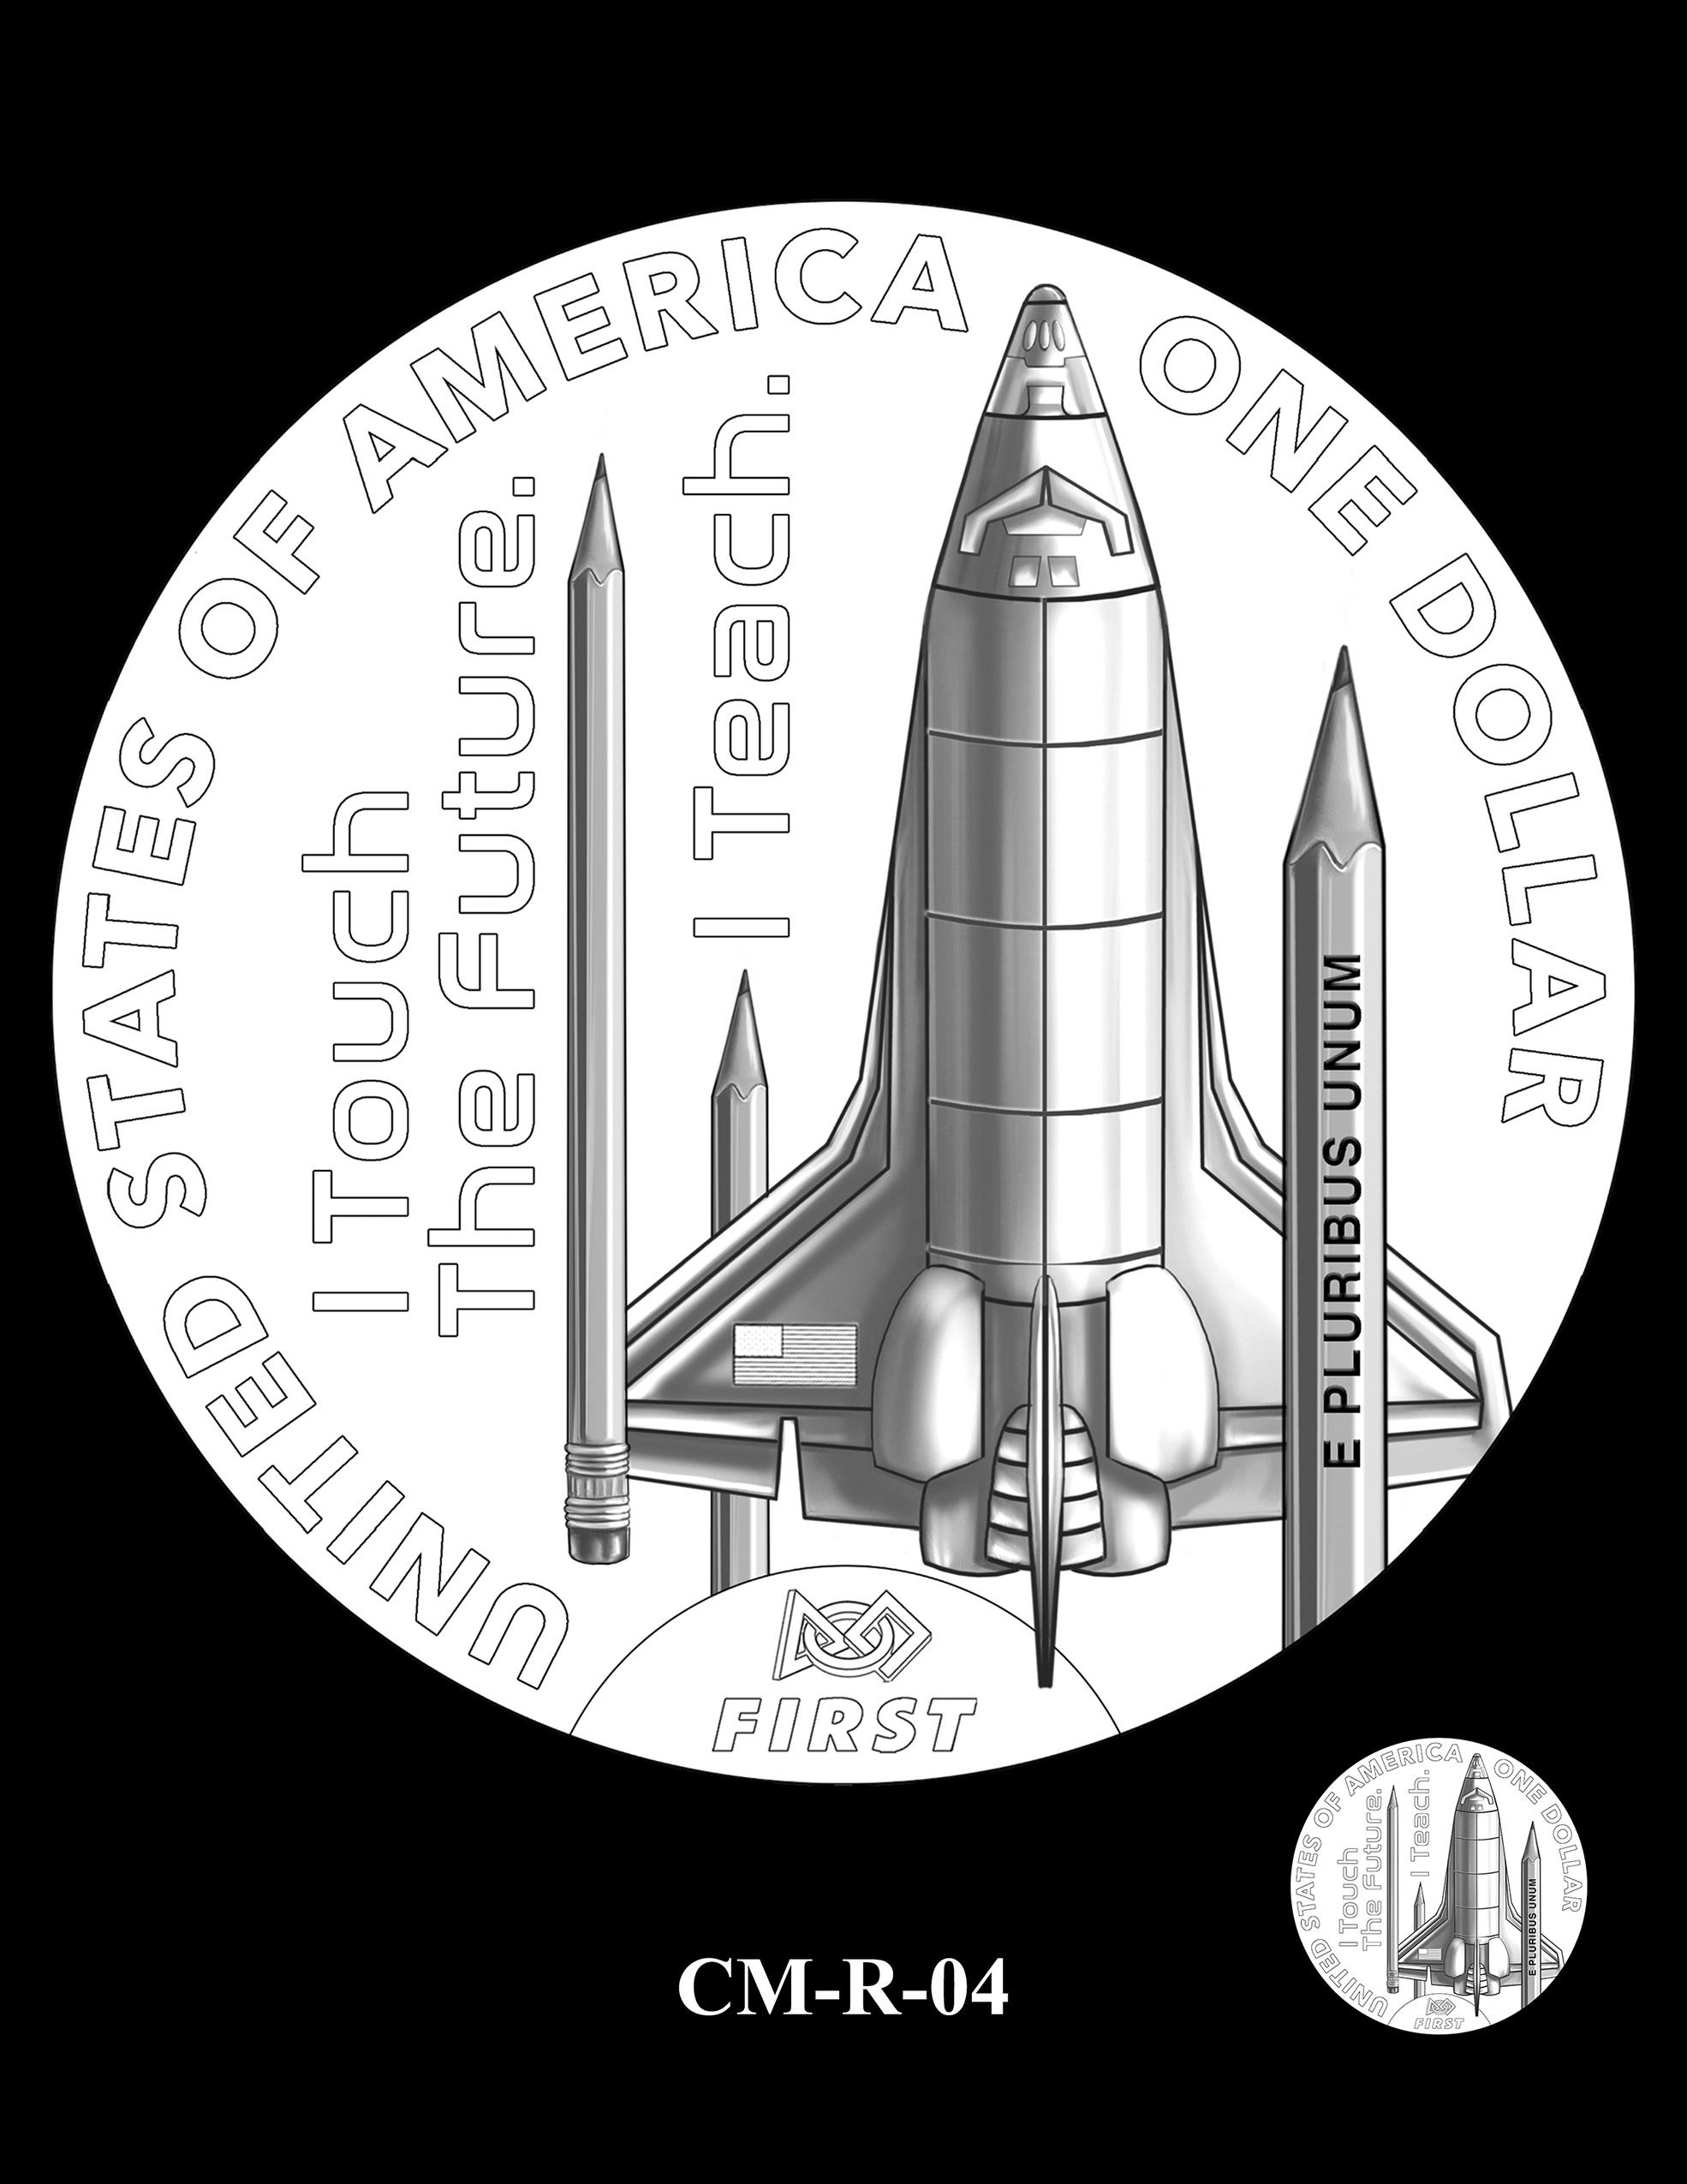 CM-R-04 -- 2021 Christa McAuliffe Commemorative Coin